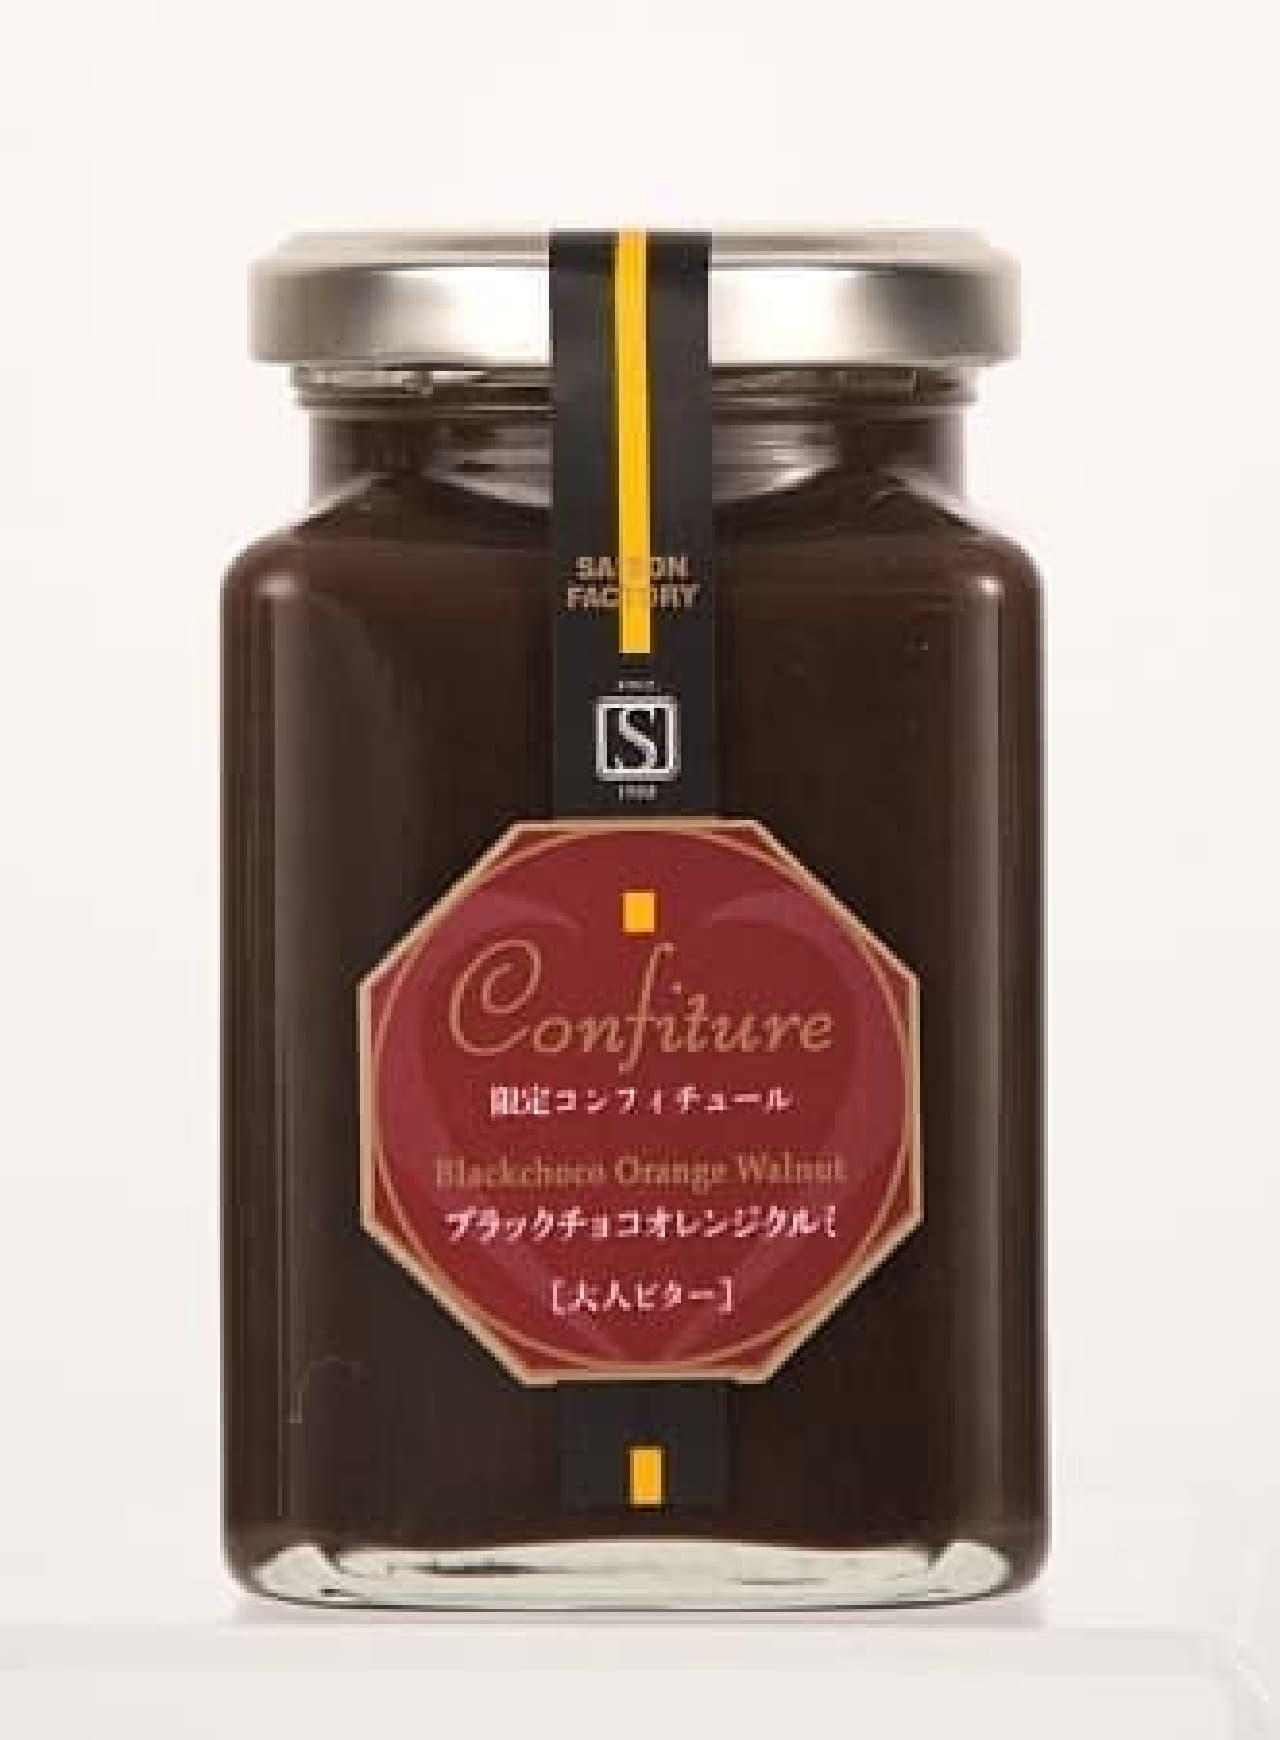 セゾンファクトリー「コンフィチュール ブラックチョコオレンジクルミ」